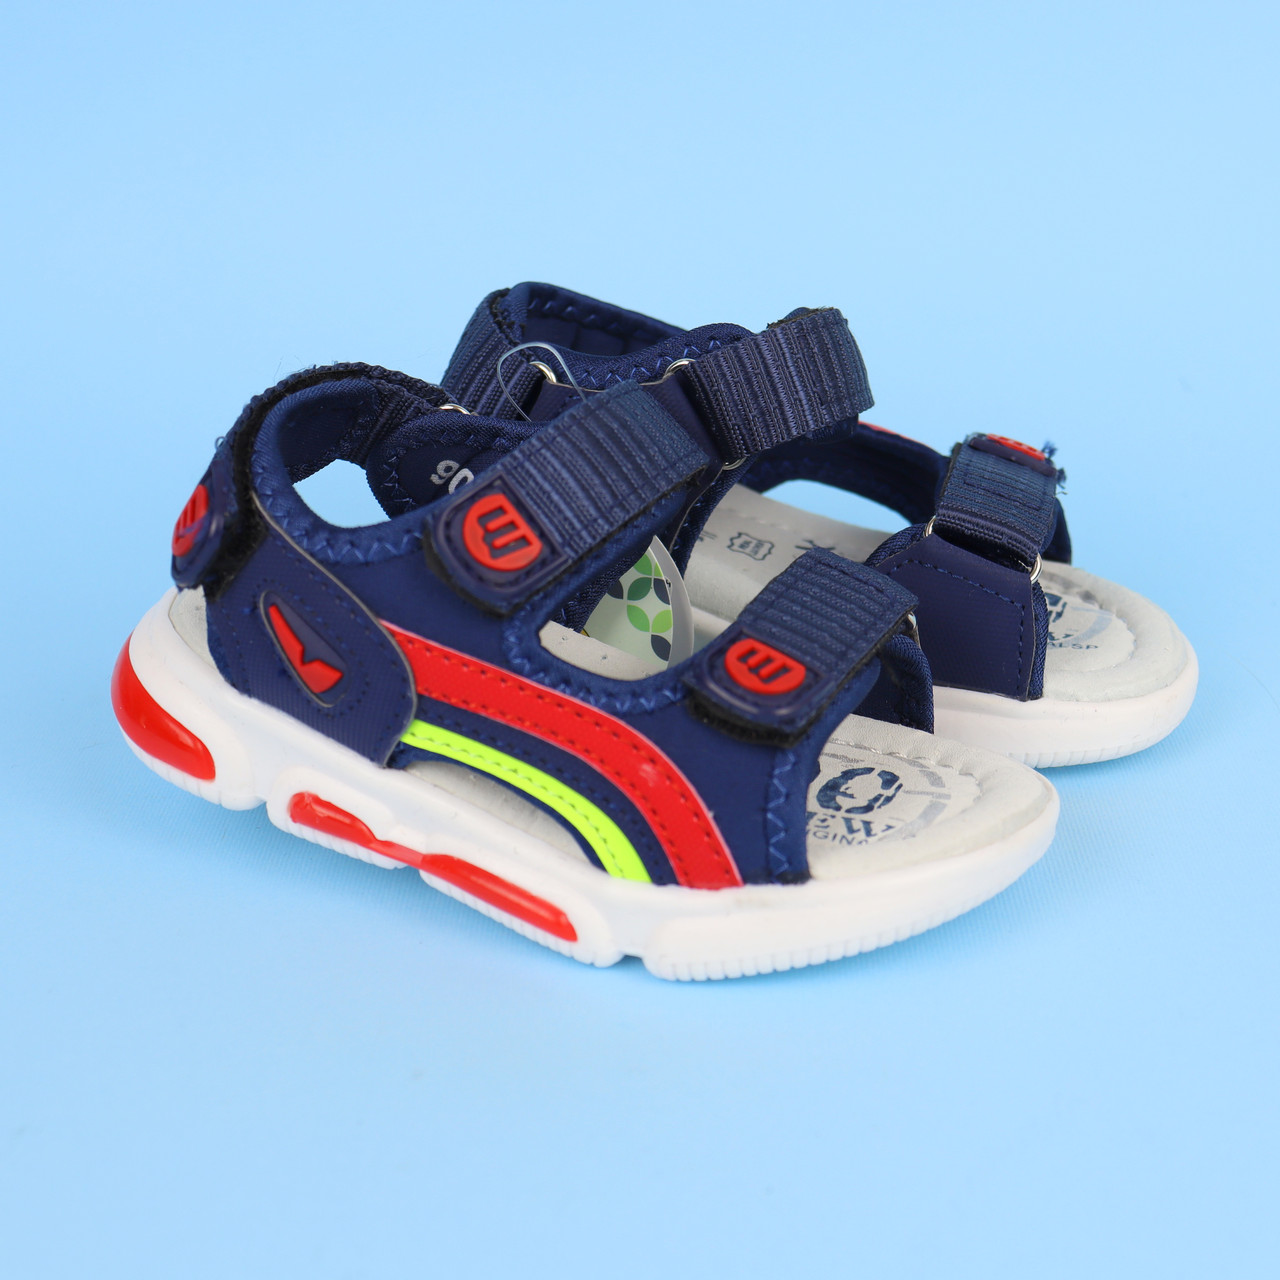 Спортивні босоніжки для хлопчика світяться тм Тому.м розмір 21,22,23,24,25,26